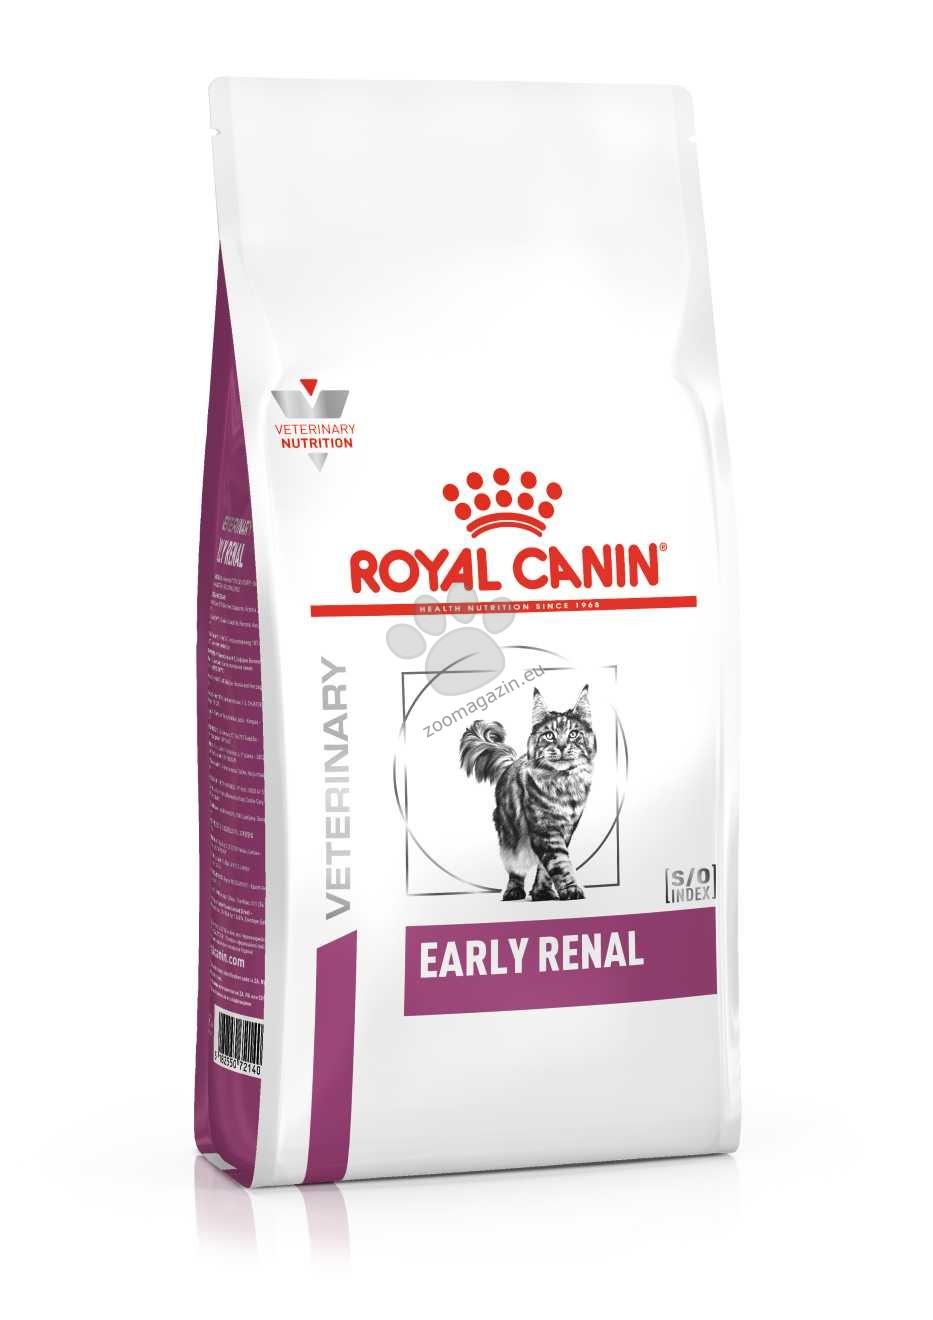 Royal Canin Early Renal - суха храна за котки със стадий 1 на хронична бъбречна недостатъчност 3.5 кг.